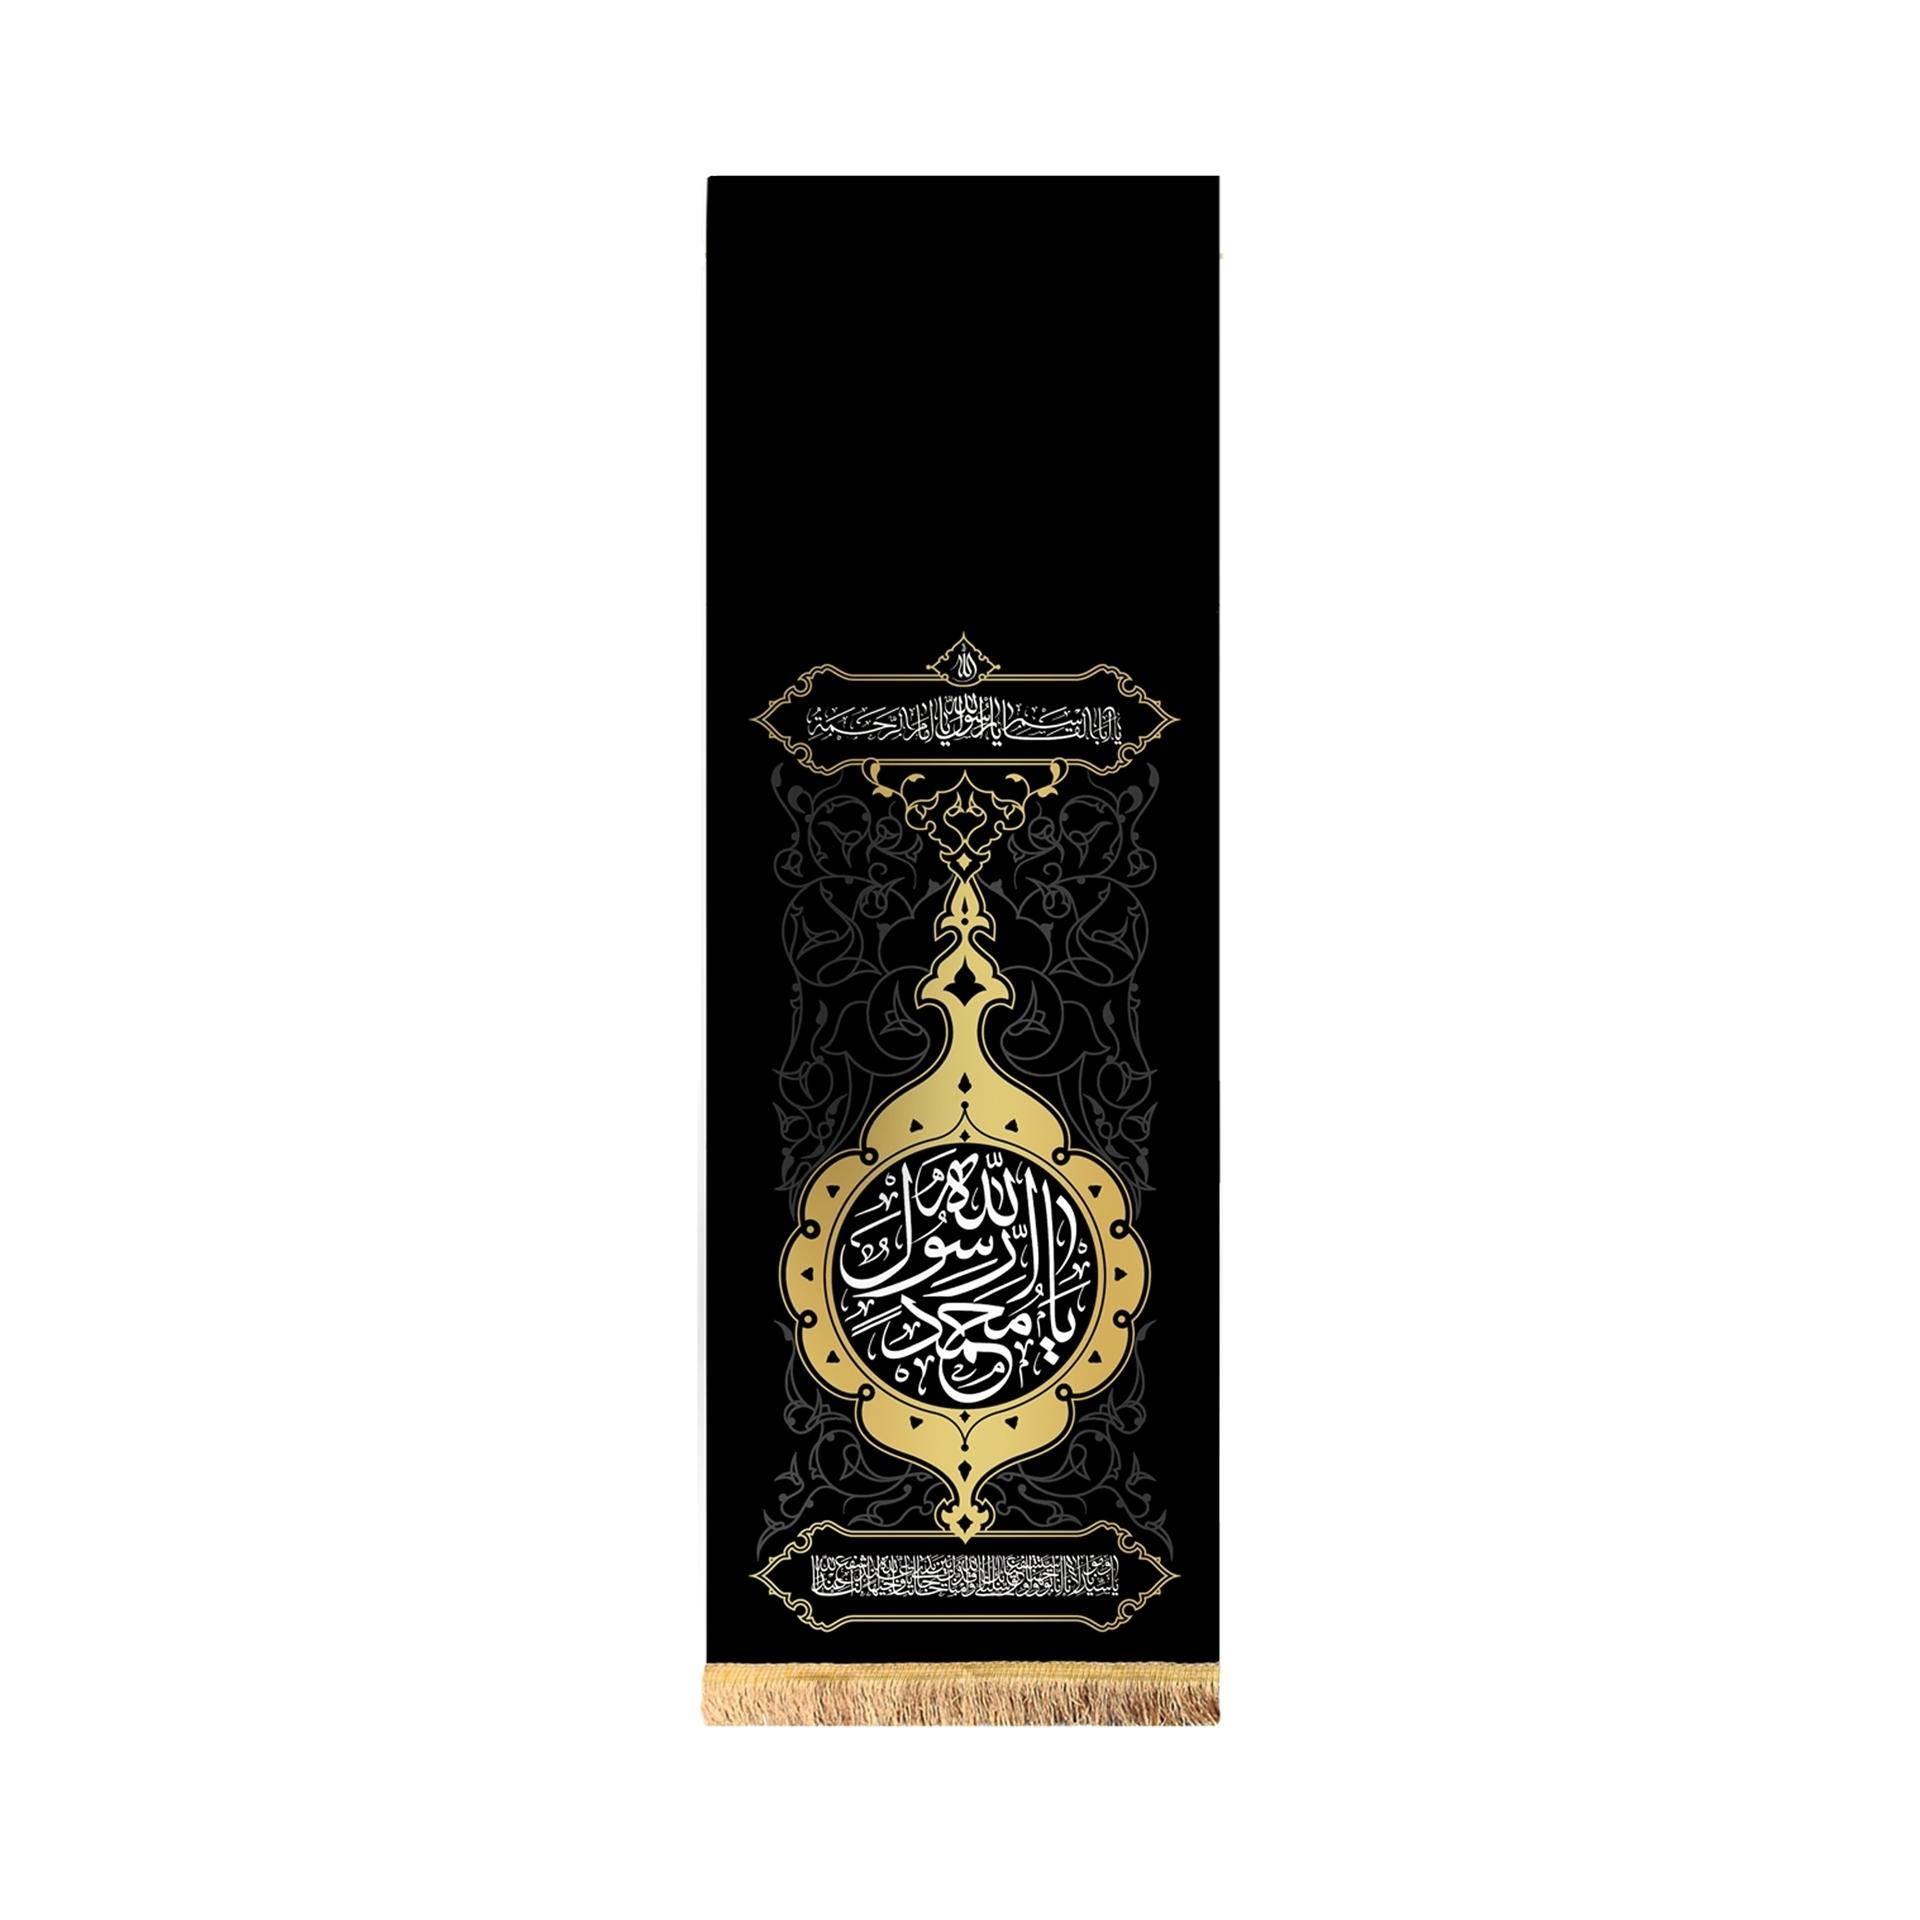 تصویر از بیرق نقش توسل طرح «یا محمد رسول الله» مخمل